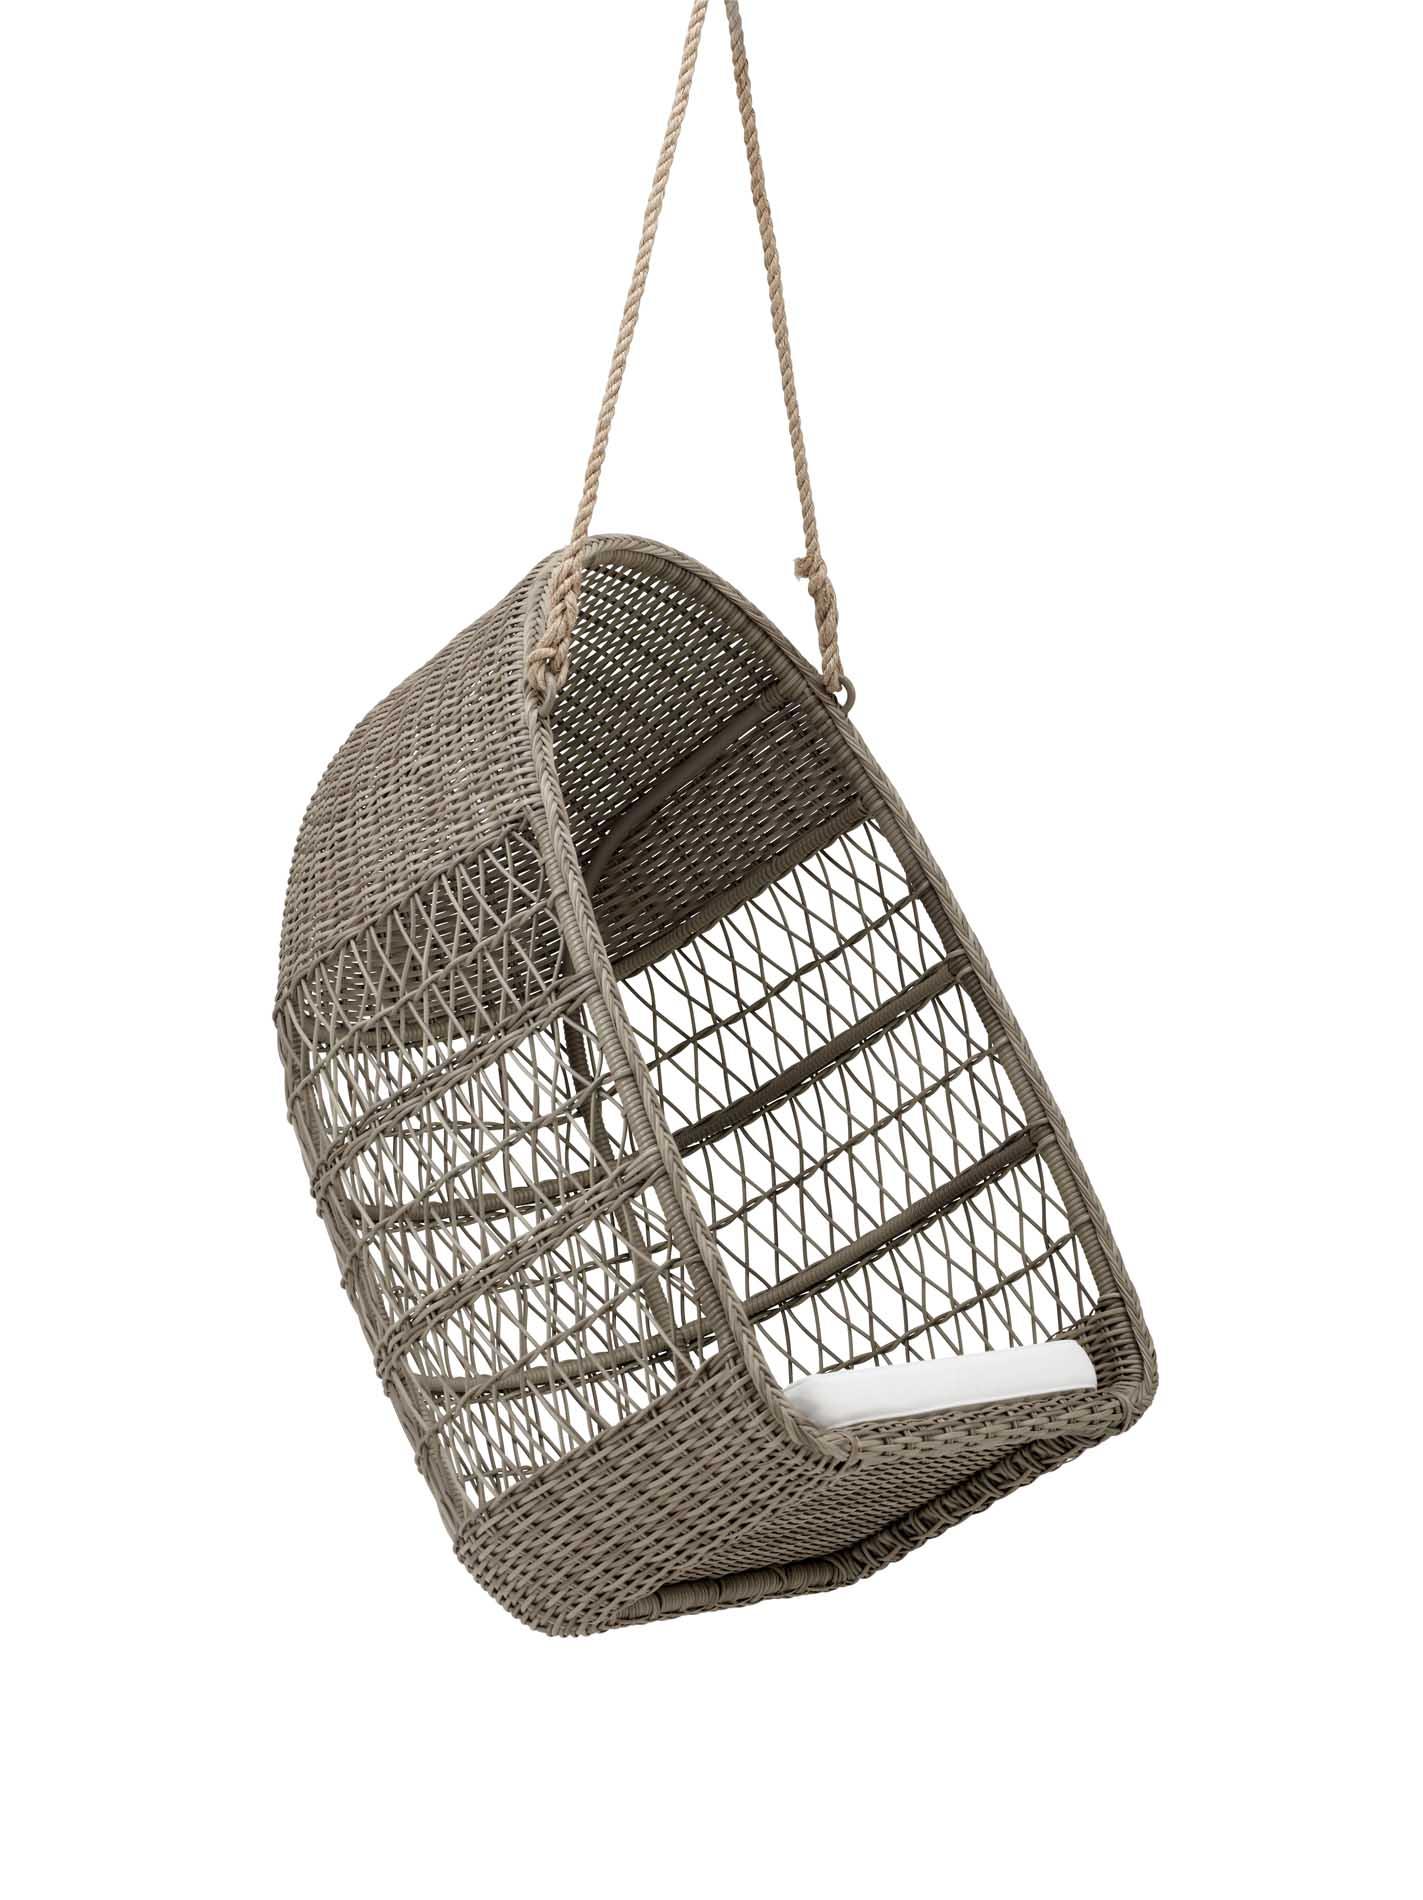 Fauteuil suspendu en aluminium et fibre synthétique taupe